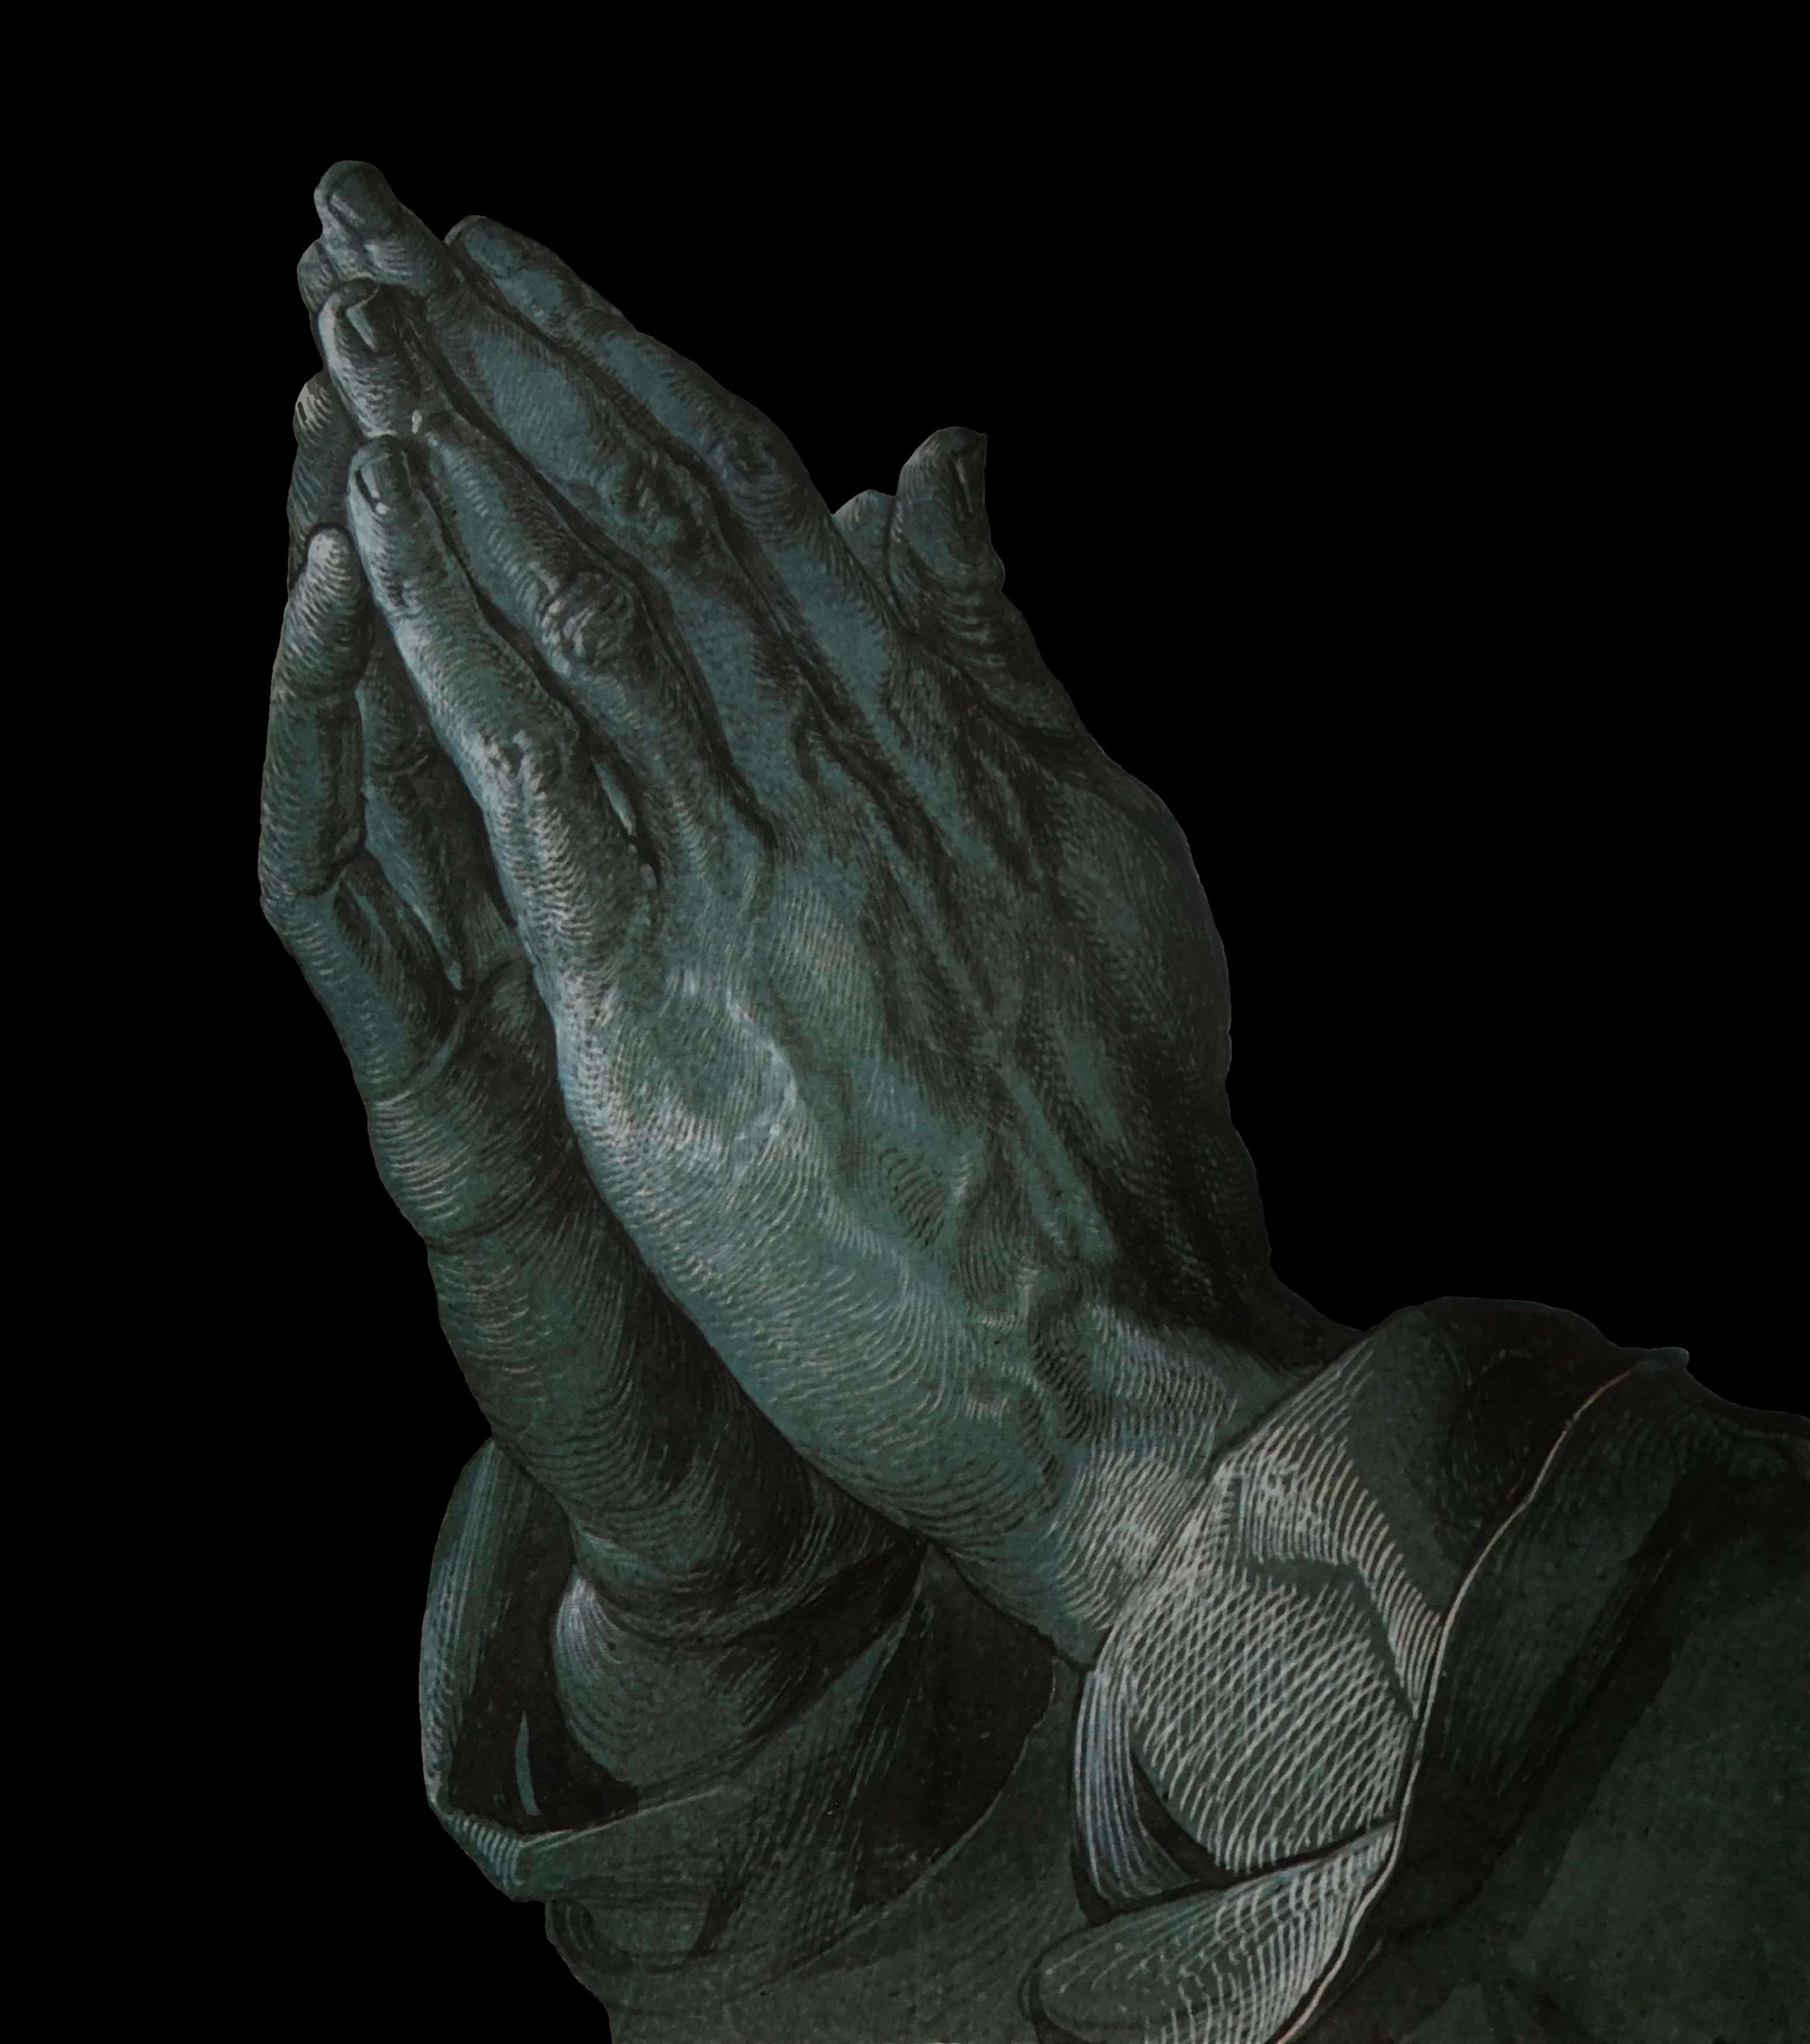 Dessin Avec La Main file:les mains d'un apôtre, dessin à la plume avec rehauts